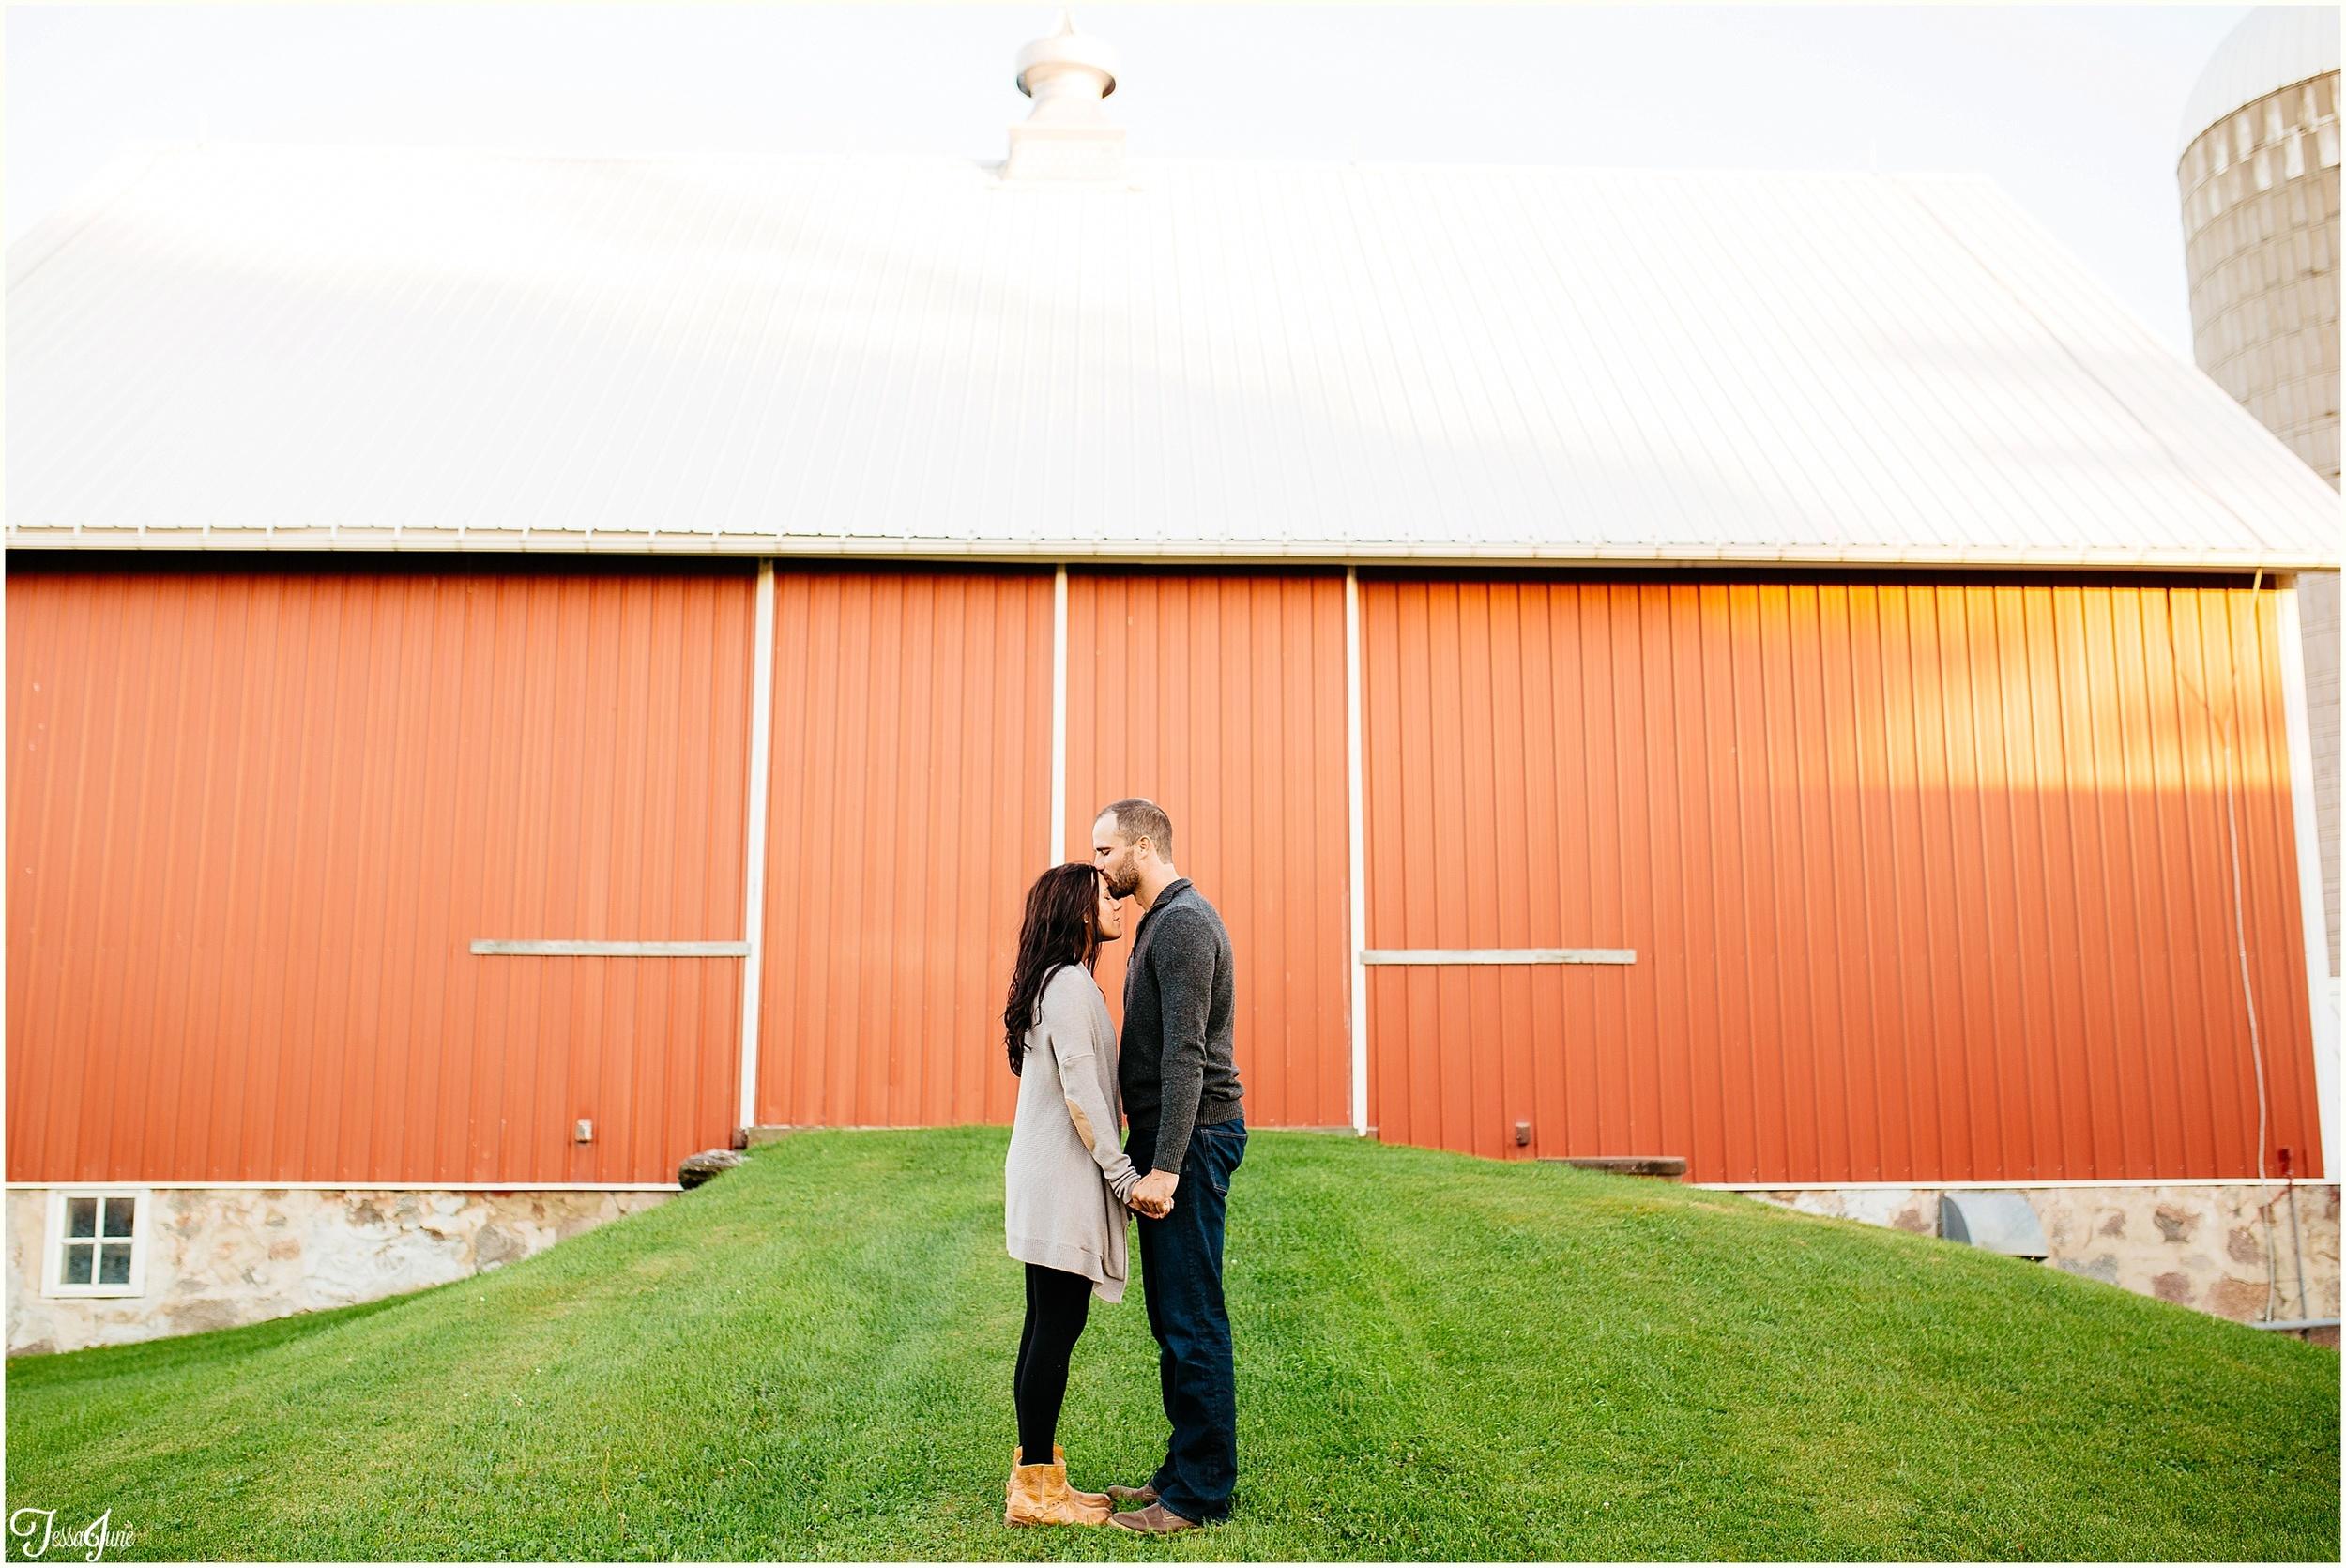 hamburg-st-cloud-minnesota-farm-barn-engagement-cornfield